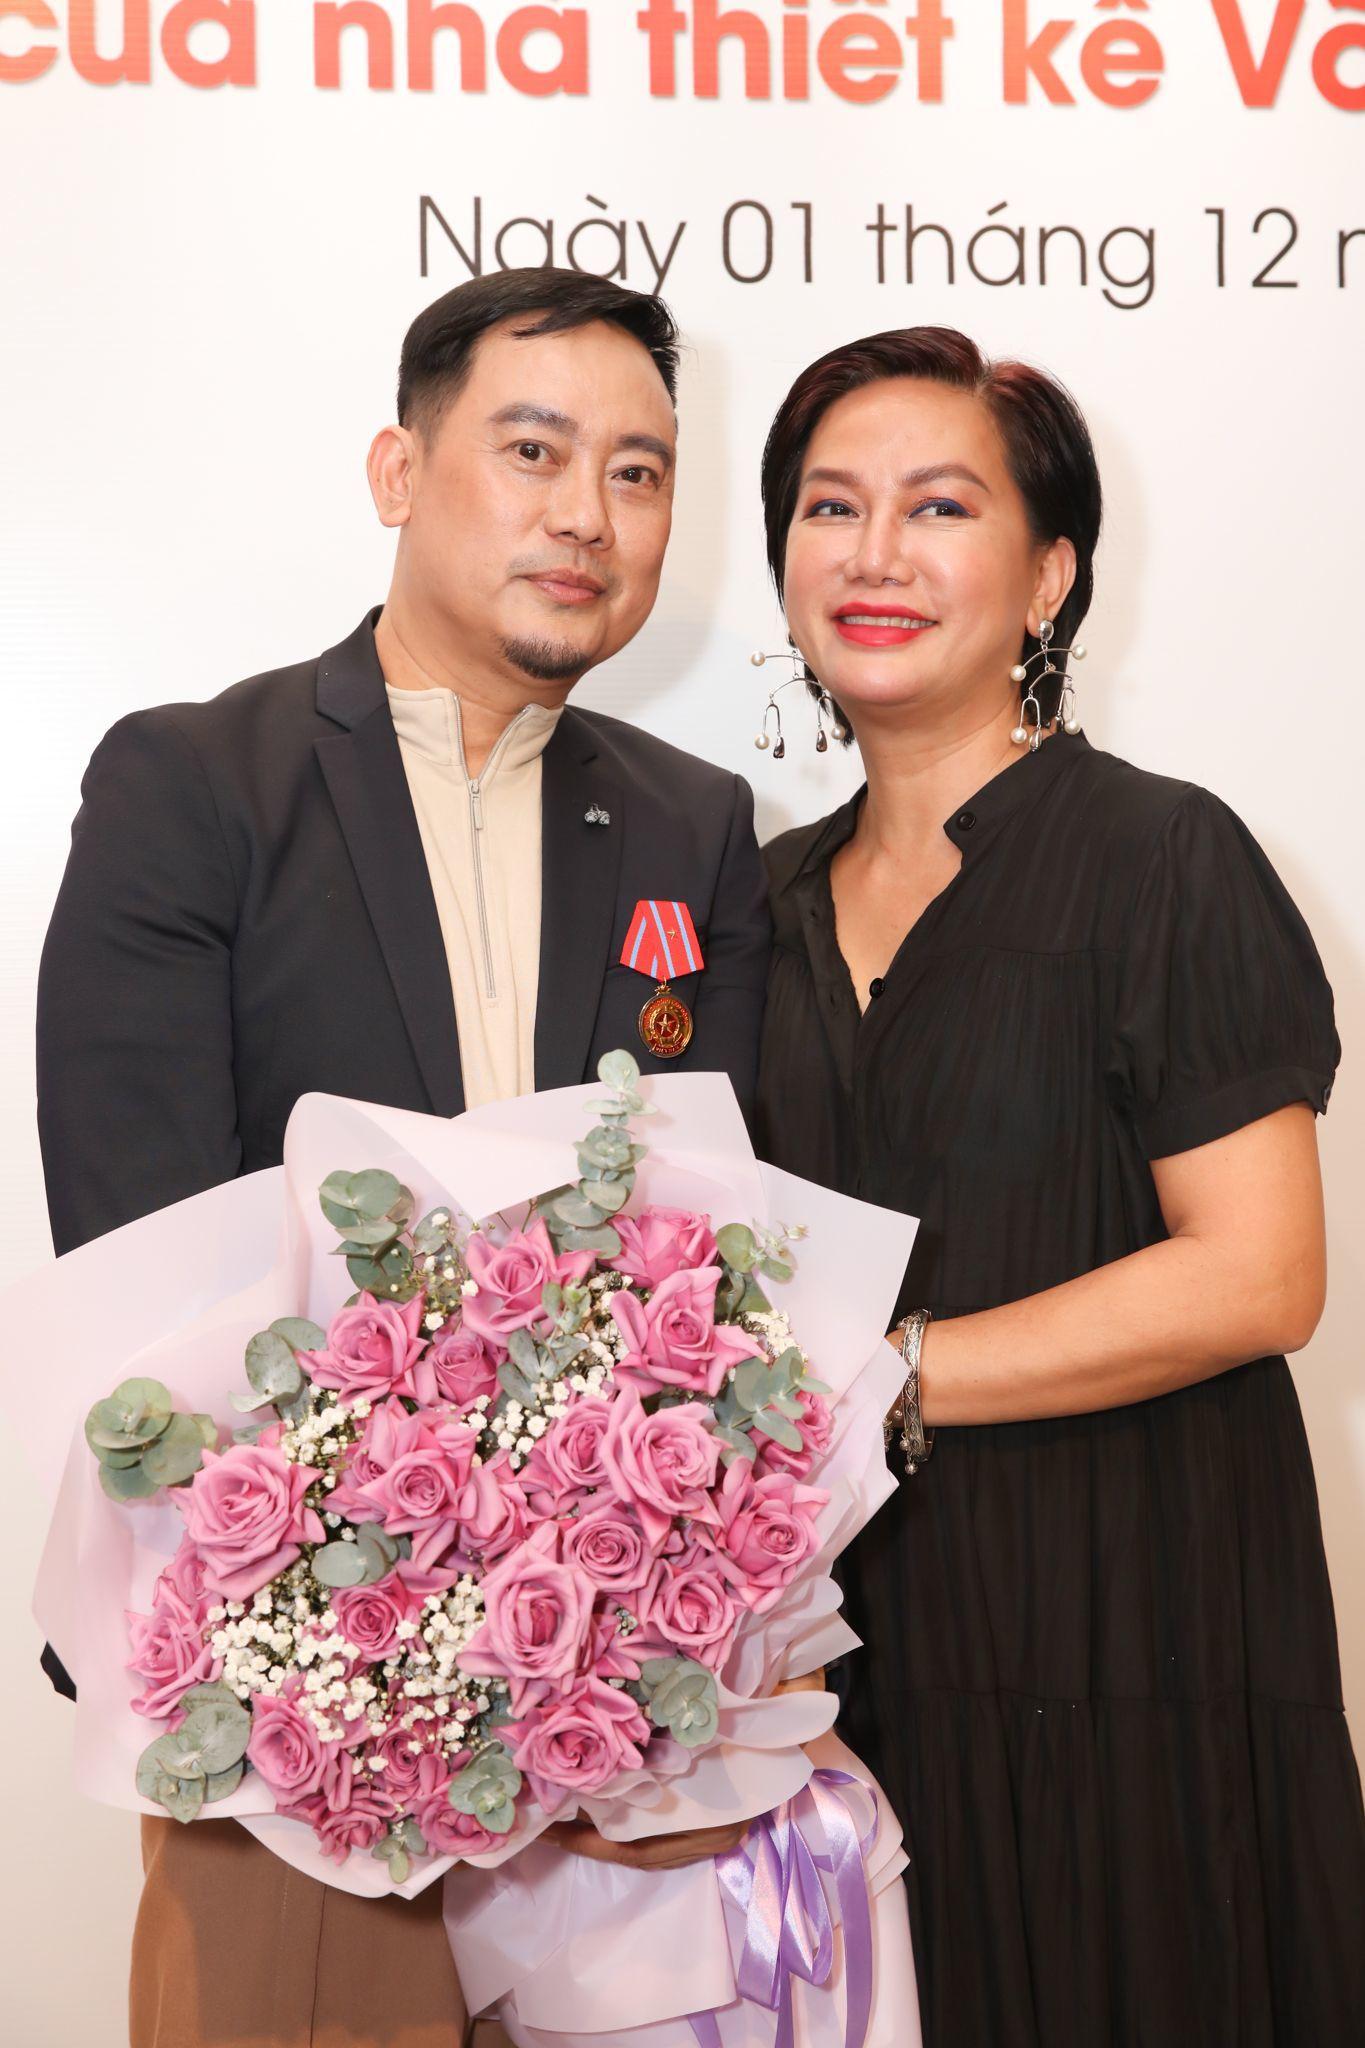 NSND Hồng Vân mừng NTK Võ Việt Chung nhận huân chương